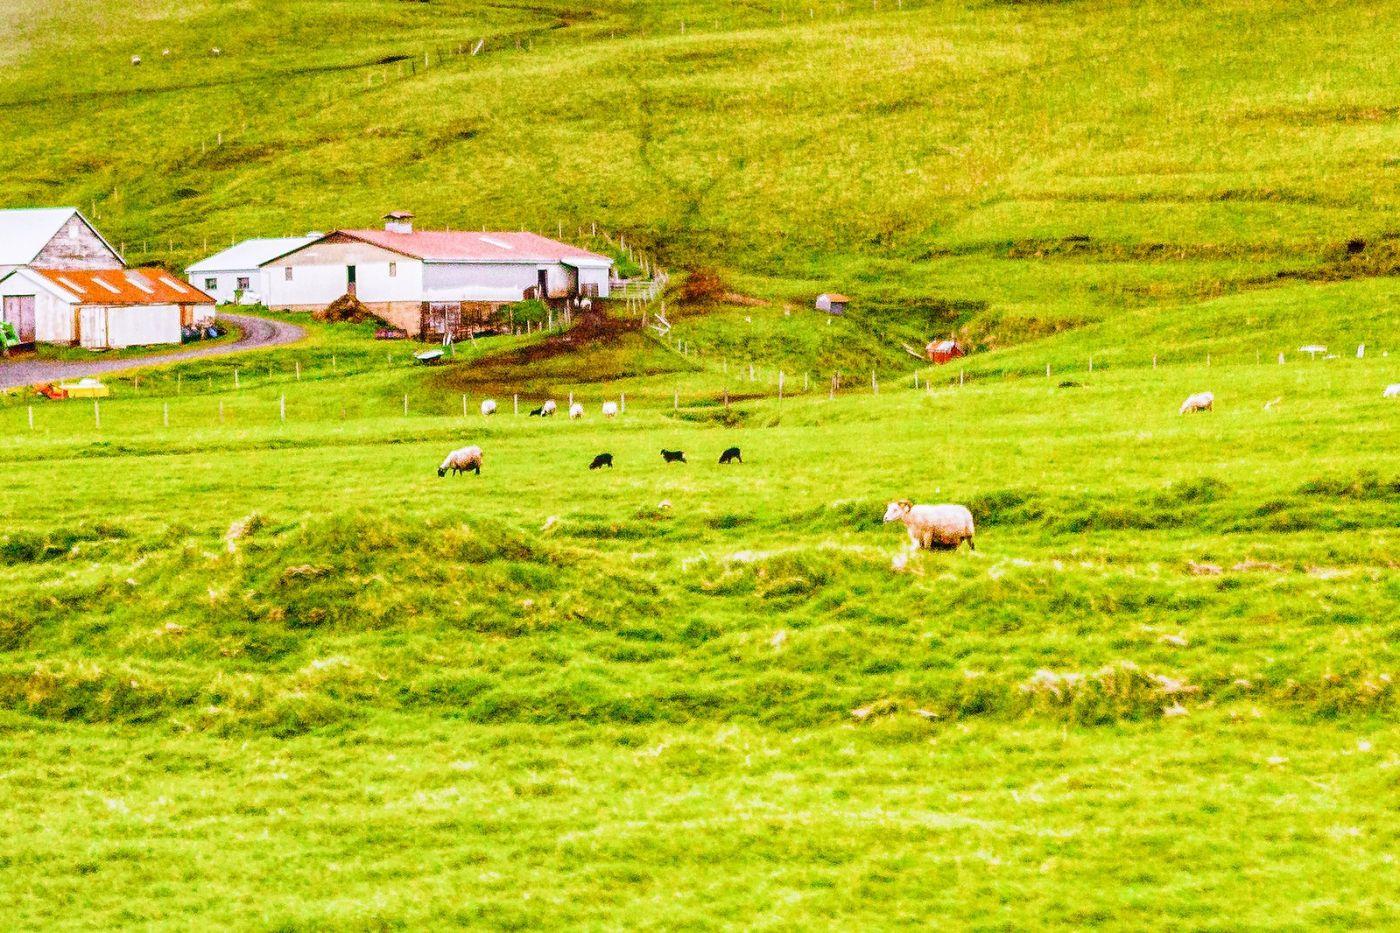 冰岛风采,大山民舍羊群_图1-14